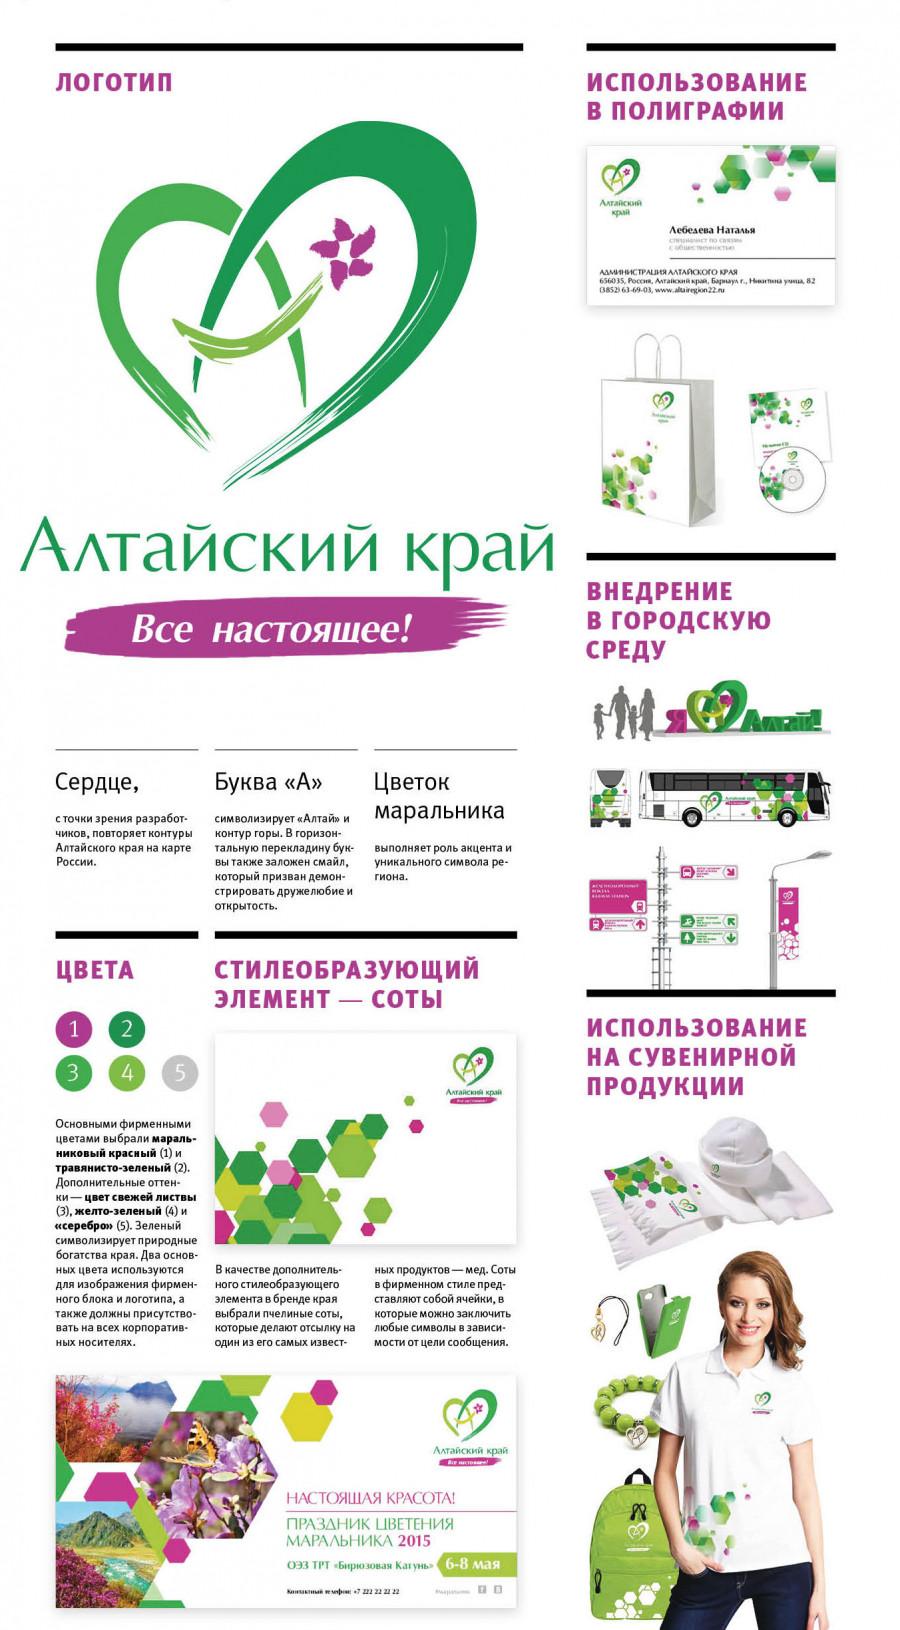 Инфографика: бренд Алтайского края.